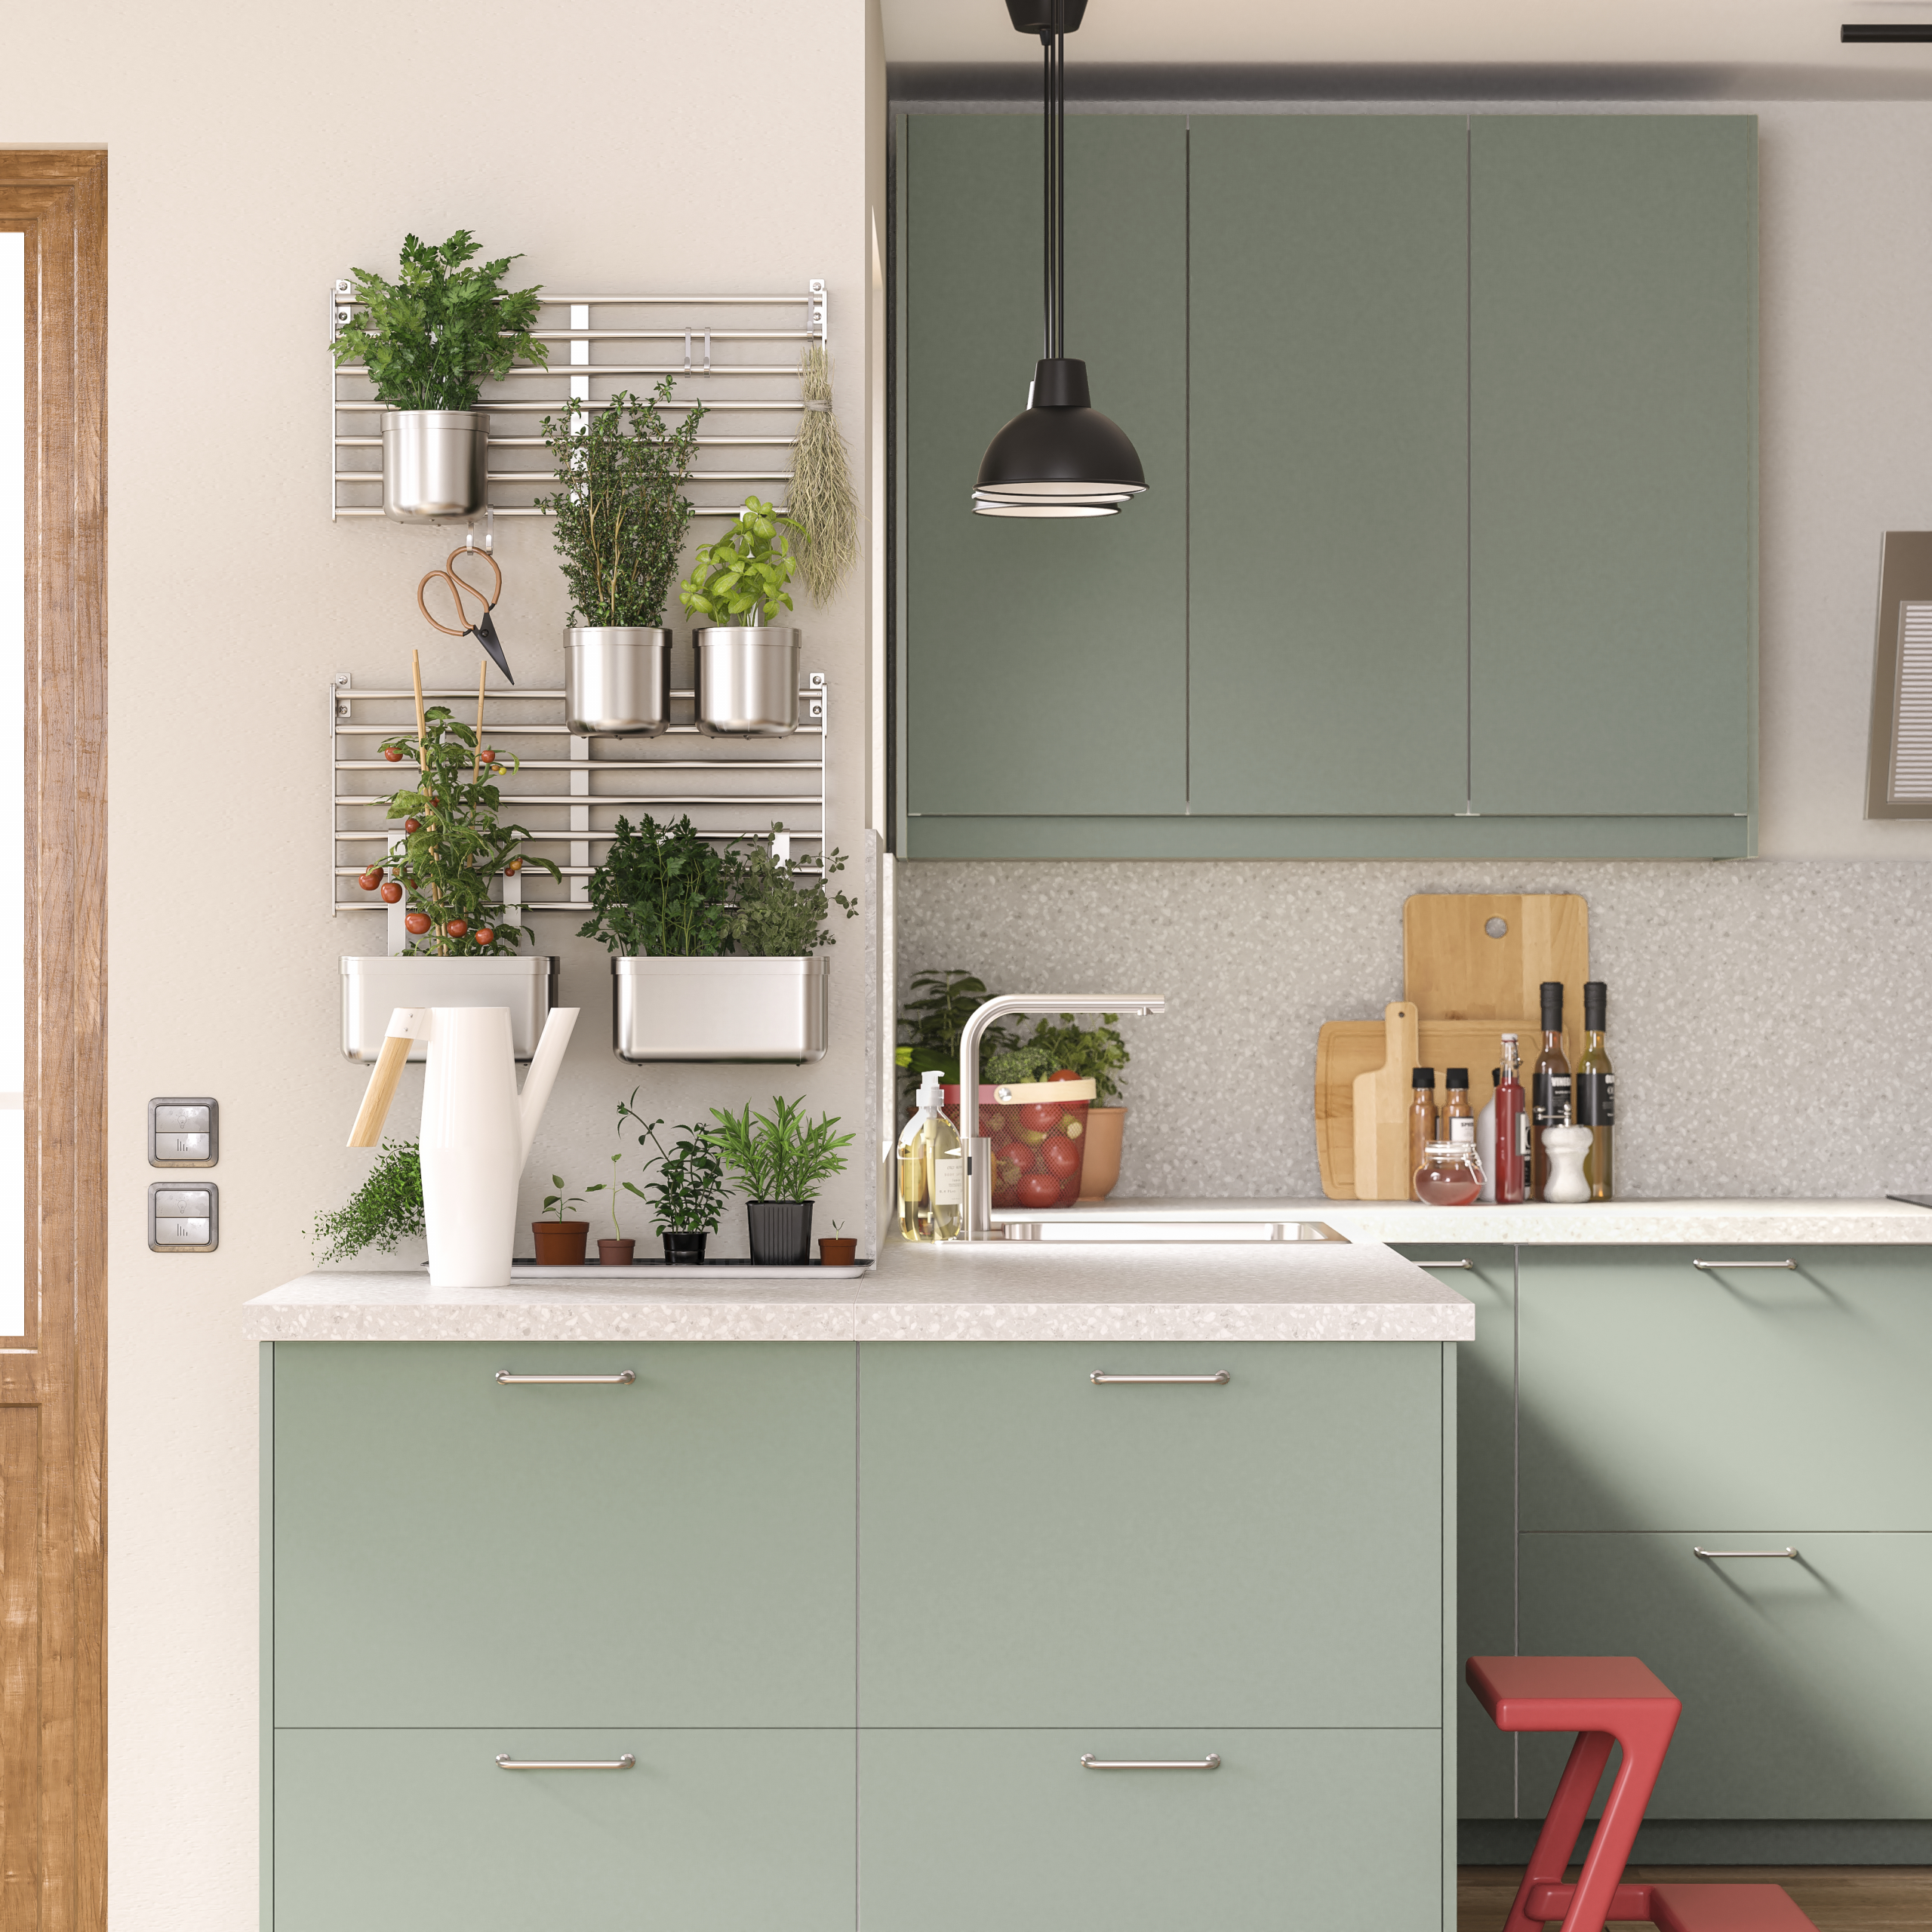 Une Cuisine Verte Et Responsable En 2020 | Cuisine Verte ... intérieur Robinet Jardin Design